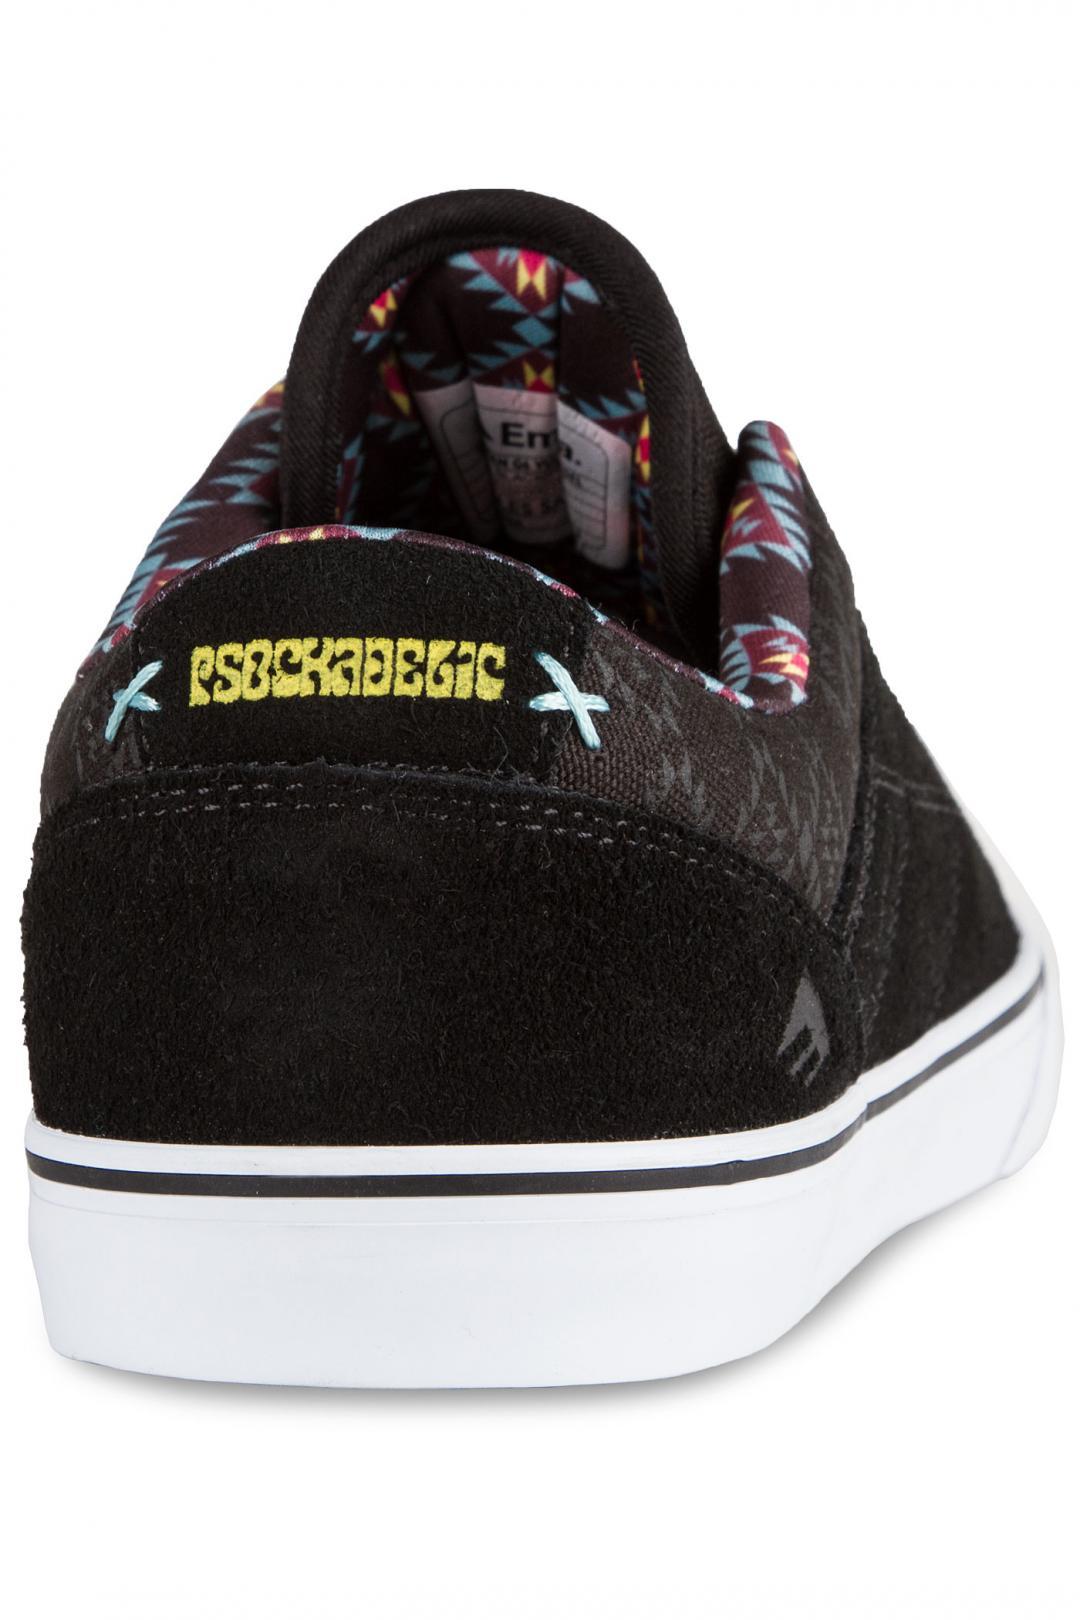 Uomo Emerica x Psockadelic The Herman G6 black print   Scarpe da skate